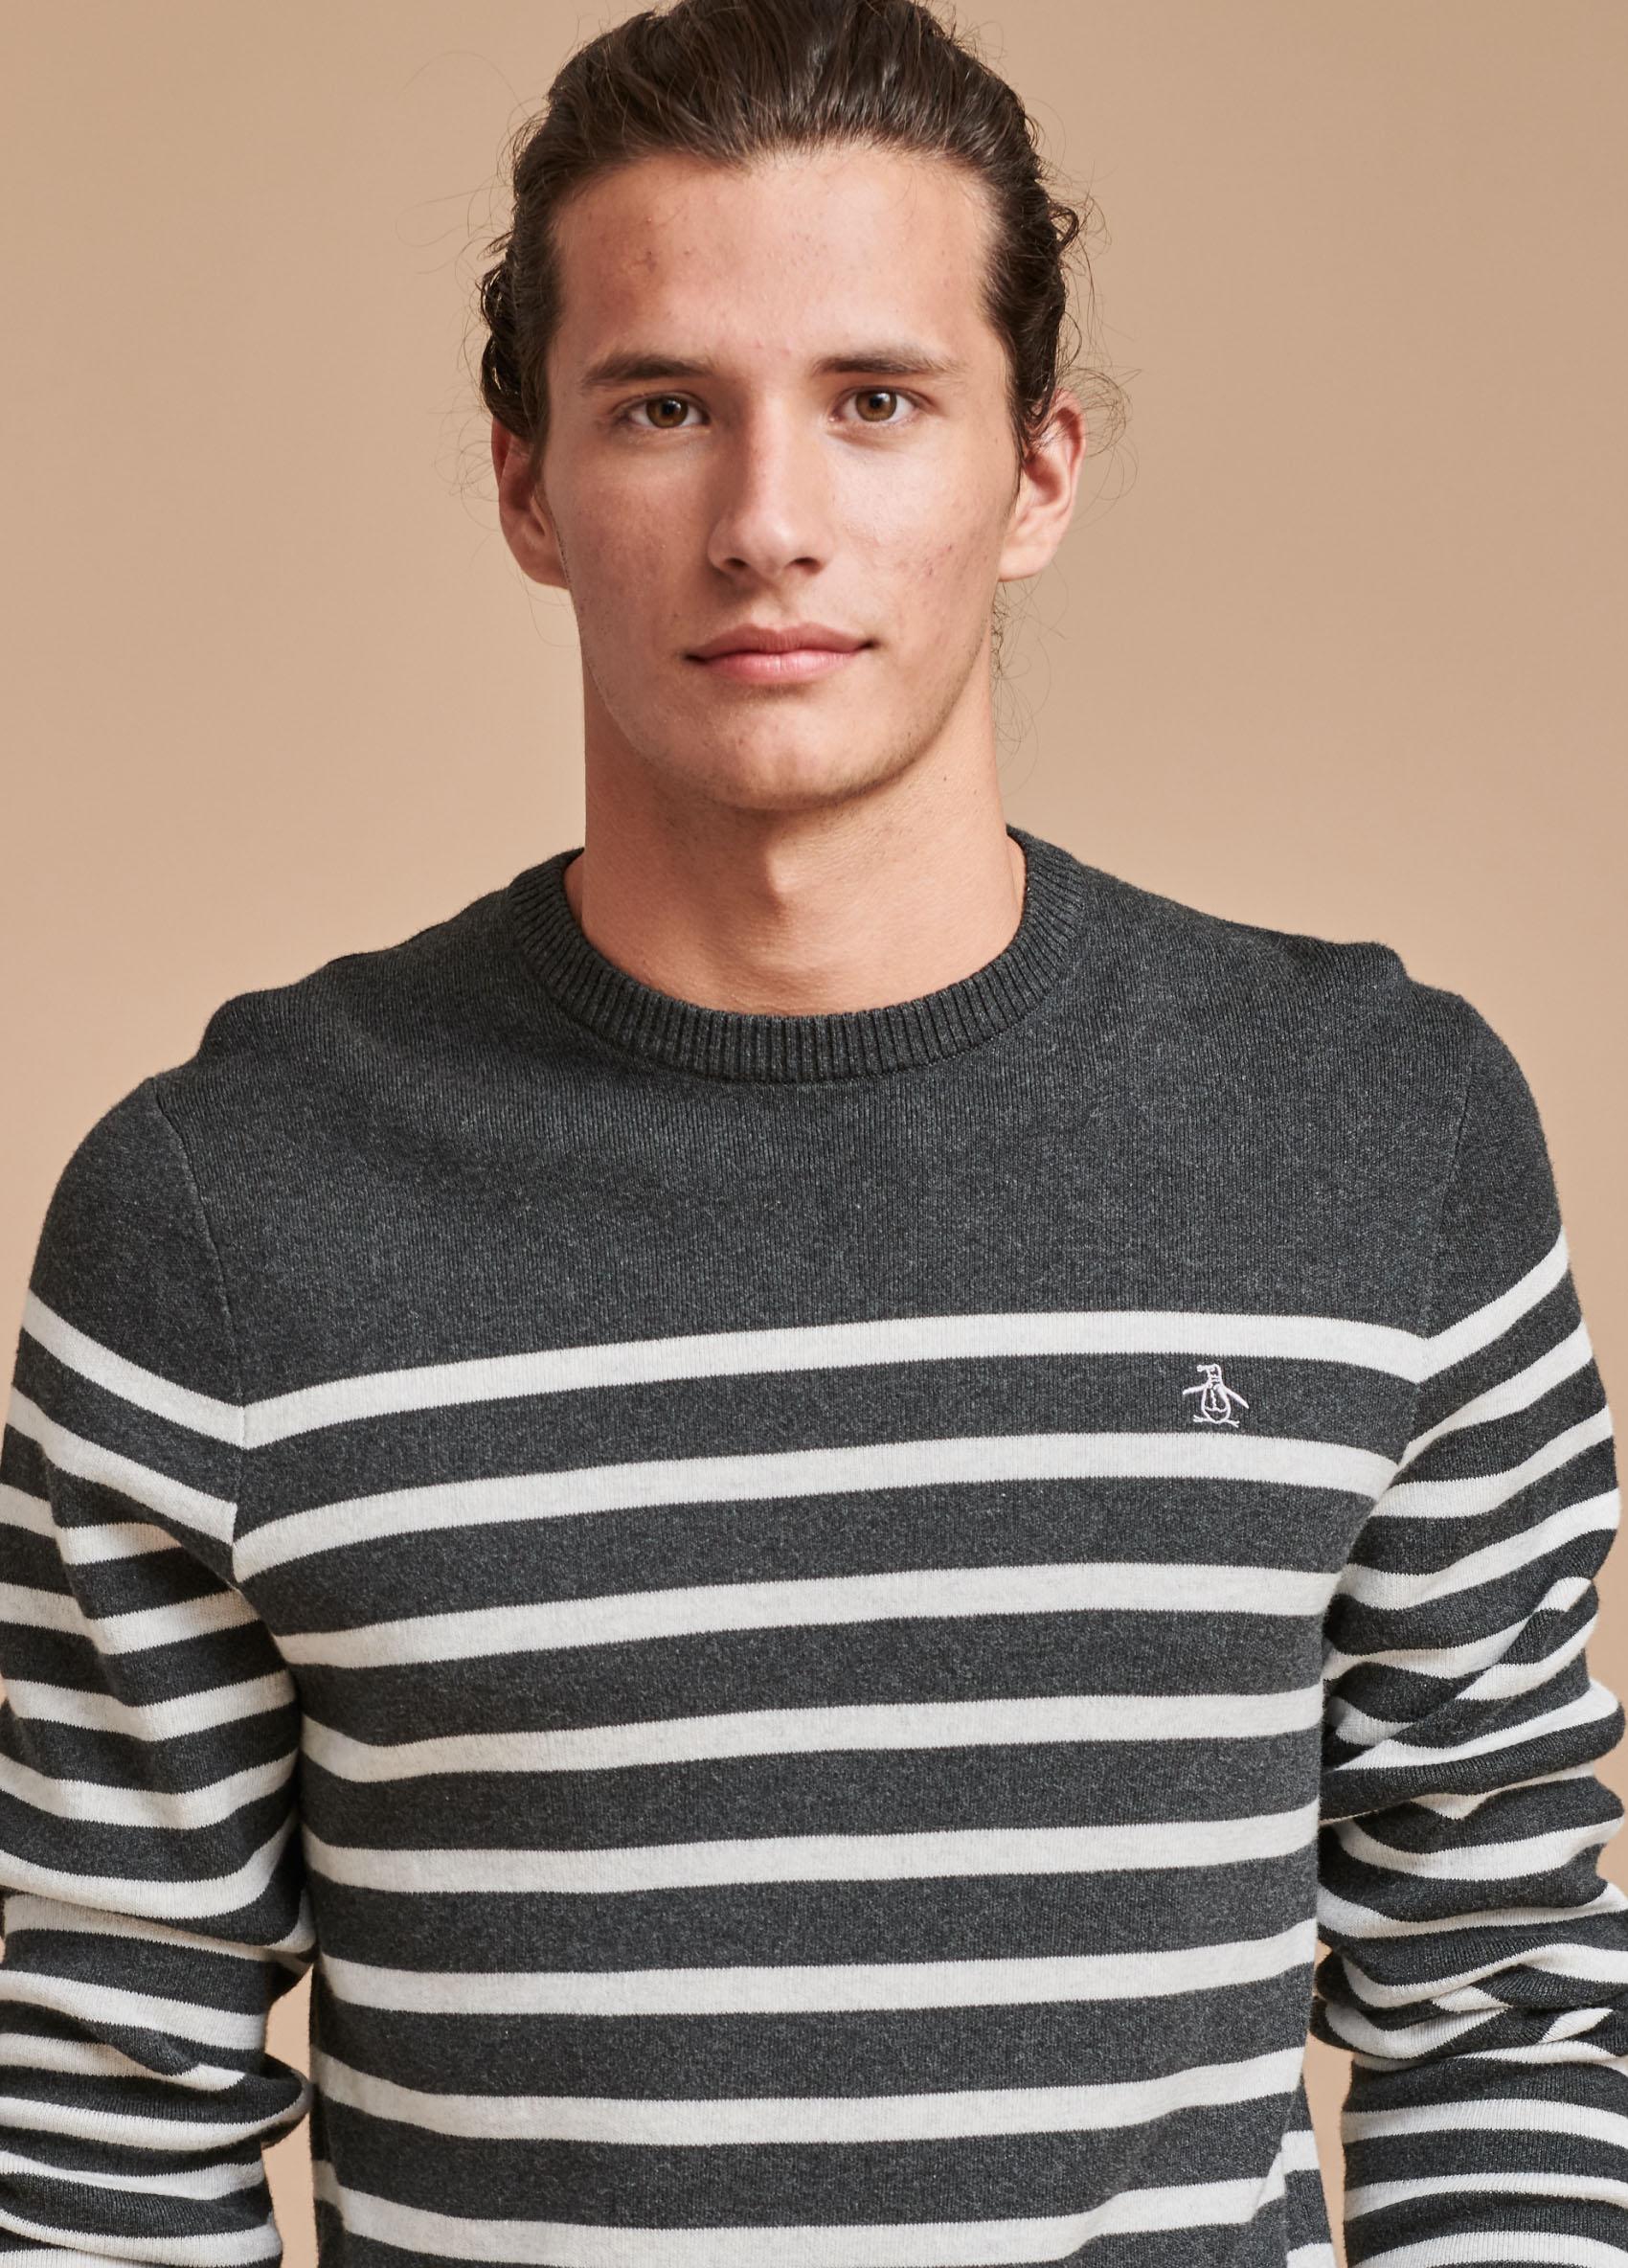 penguin_supima-cotton-breton-stripe-crew_40-18-2019__picture-9214